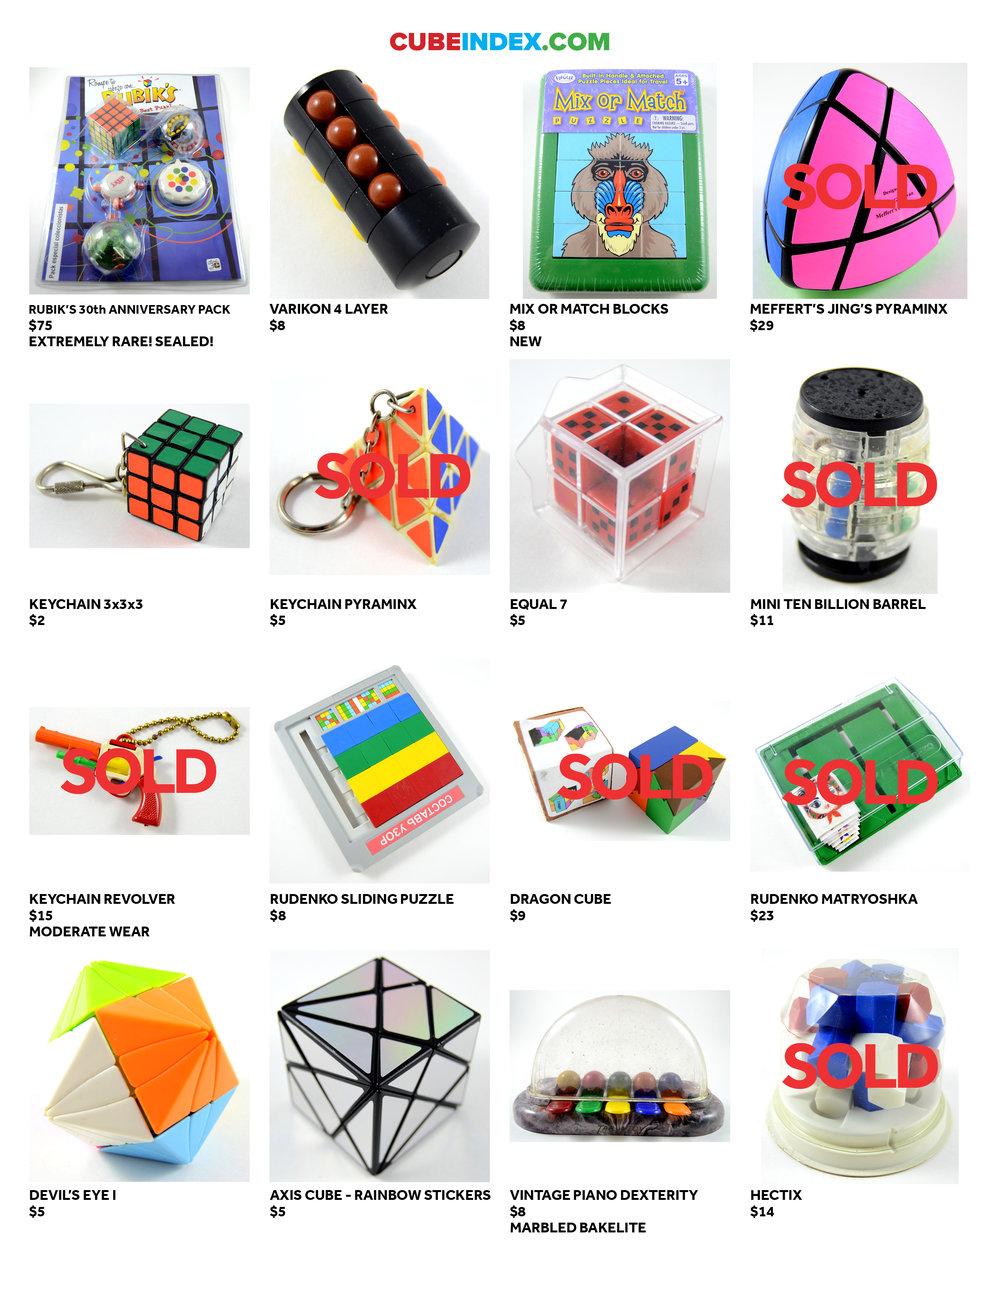 cube-index-for-sale-catalog-april-2017-v516.jpg